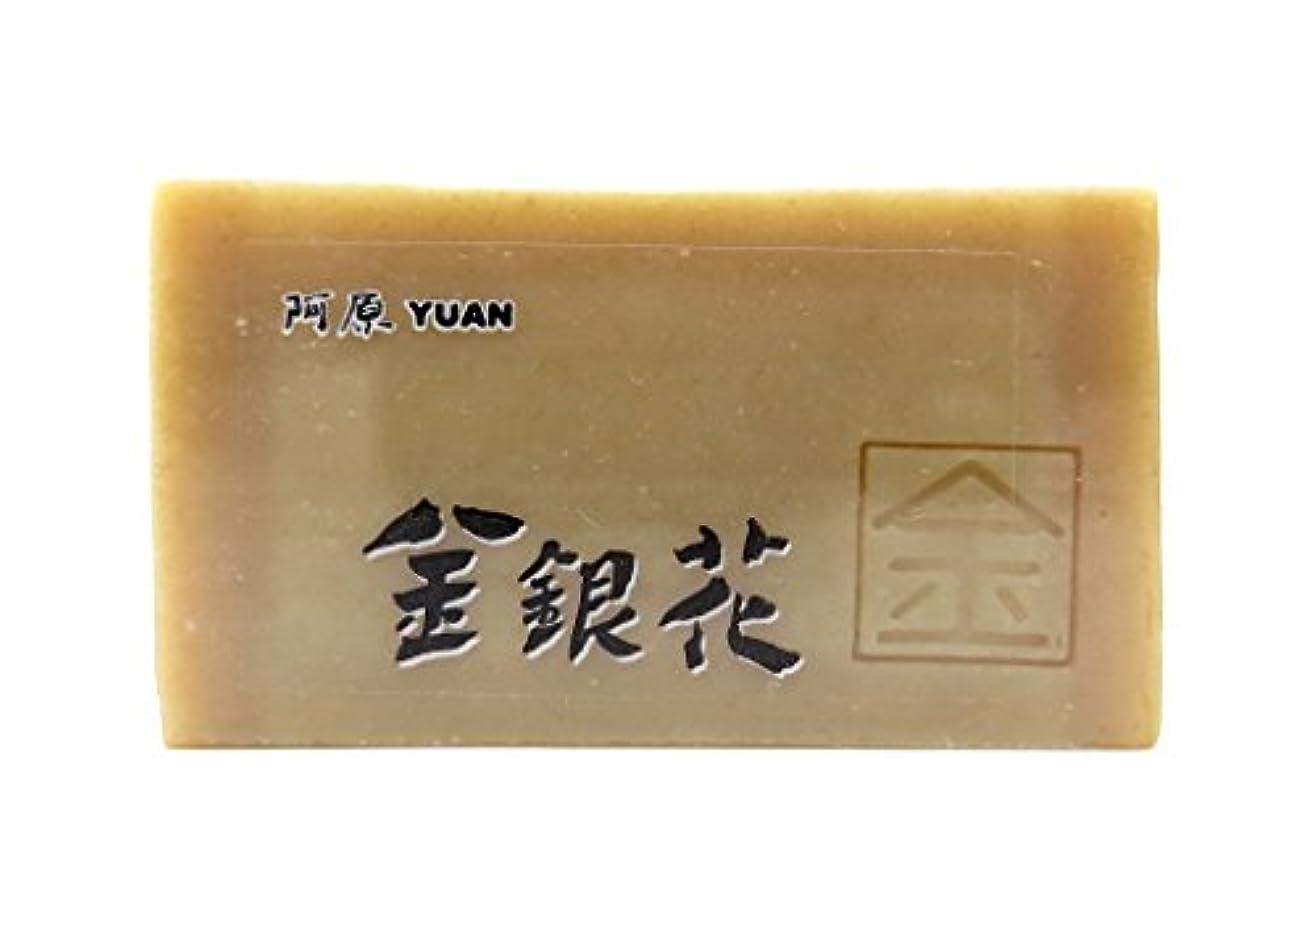 抵抗する発疹外交官ユアン(YUAN) 金銀花(きんぎんか)ソープ 固形 100g (阿原 ユアンソープ)